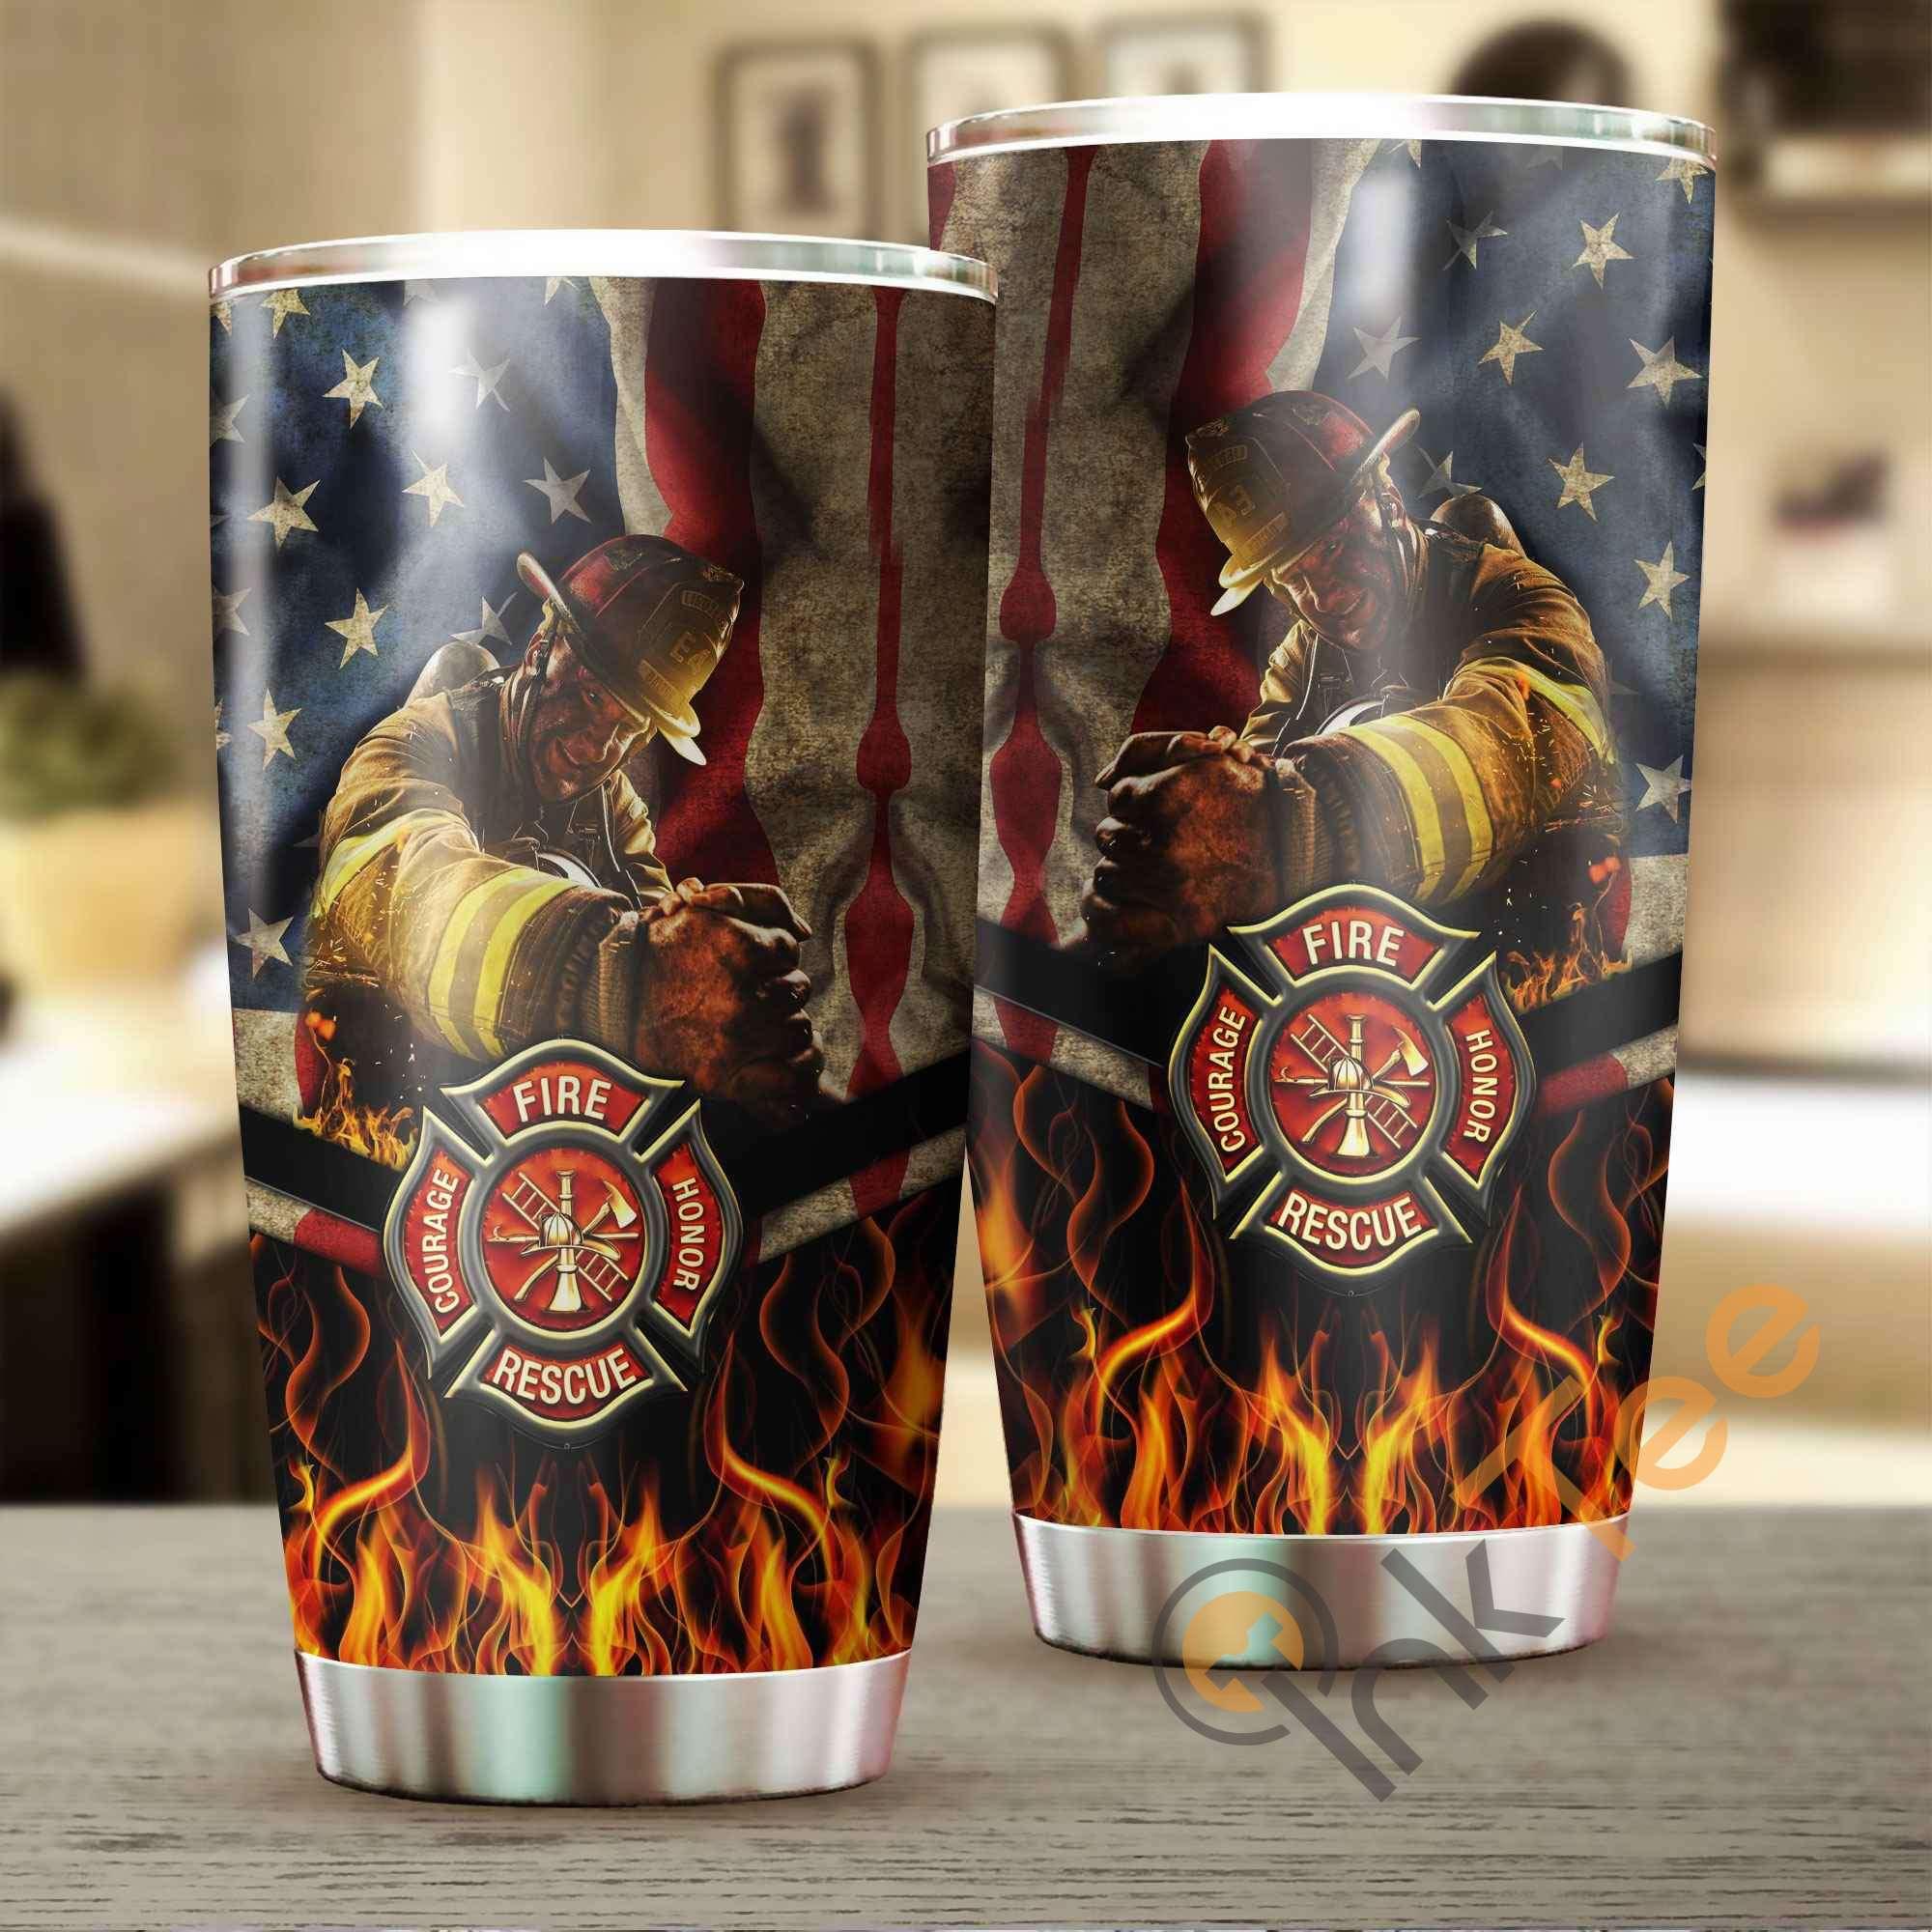 Firefighter Amazon Best Seller Sku 2610 Stainless Steel Tumbler